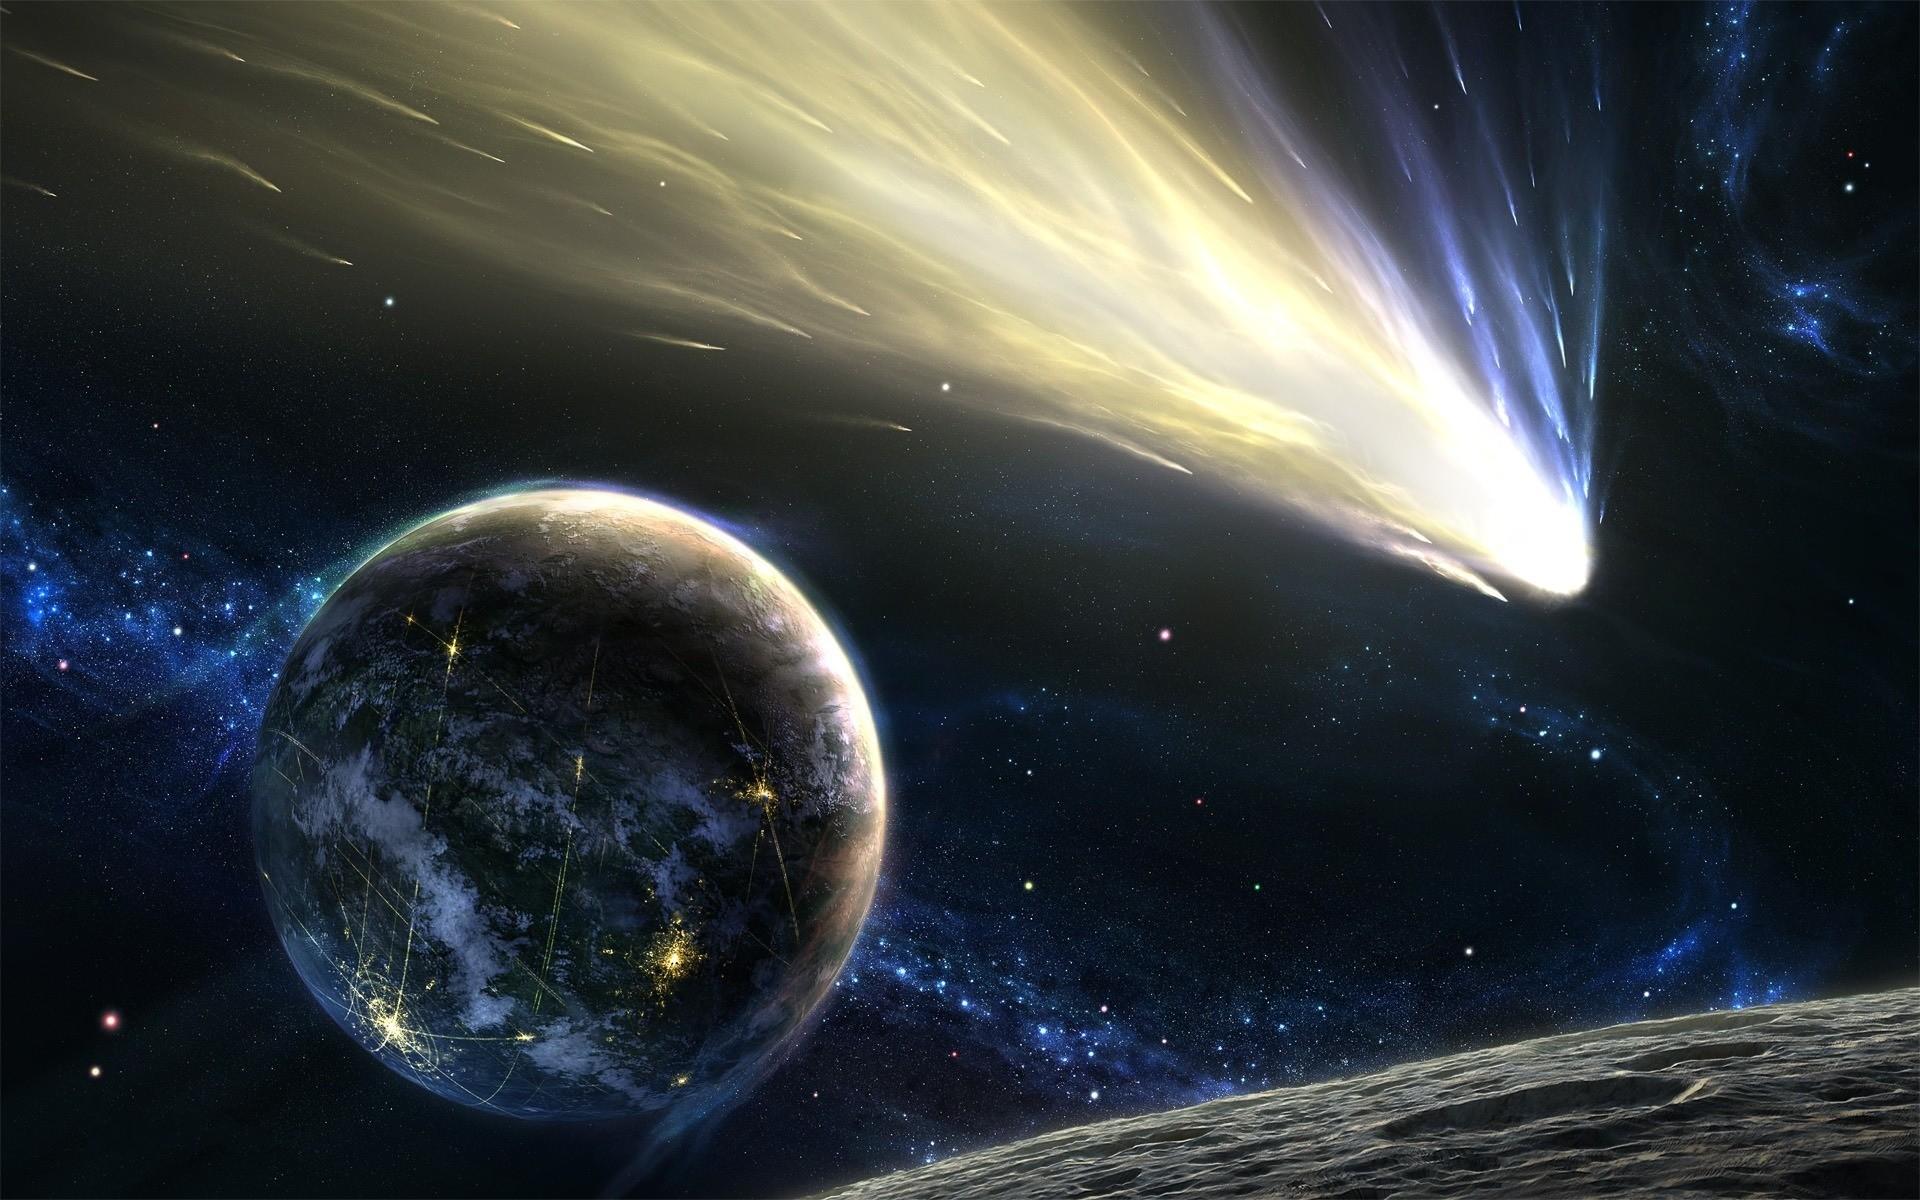 Ближайшие 30 лет столкновения астероида ТВ145 с Землей не произойдет- Ученый